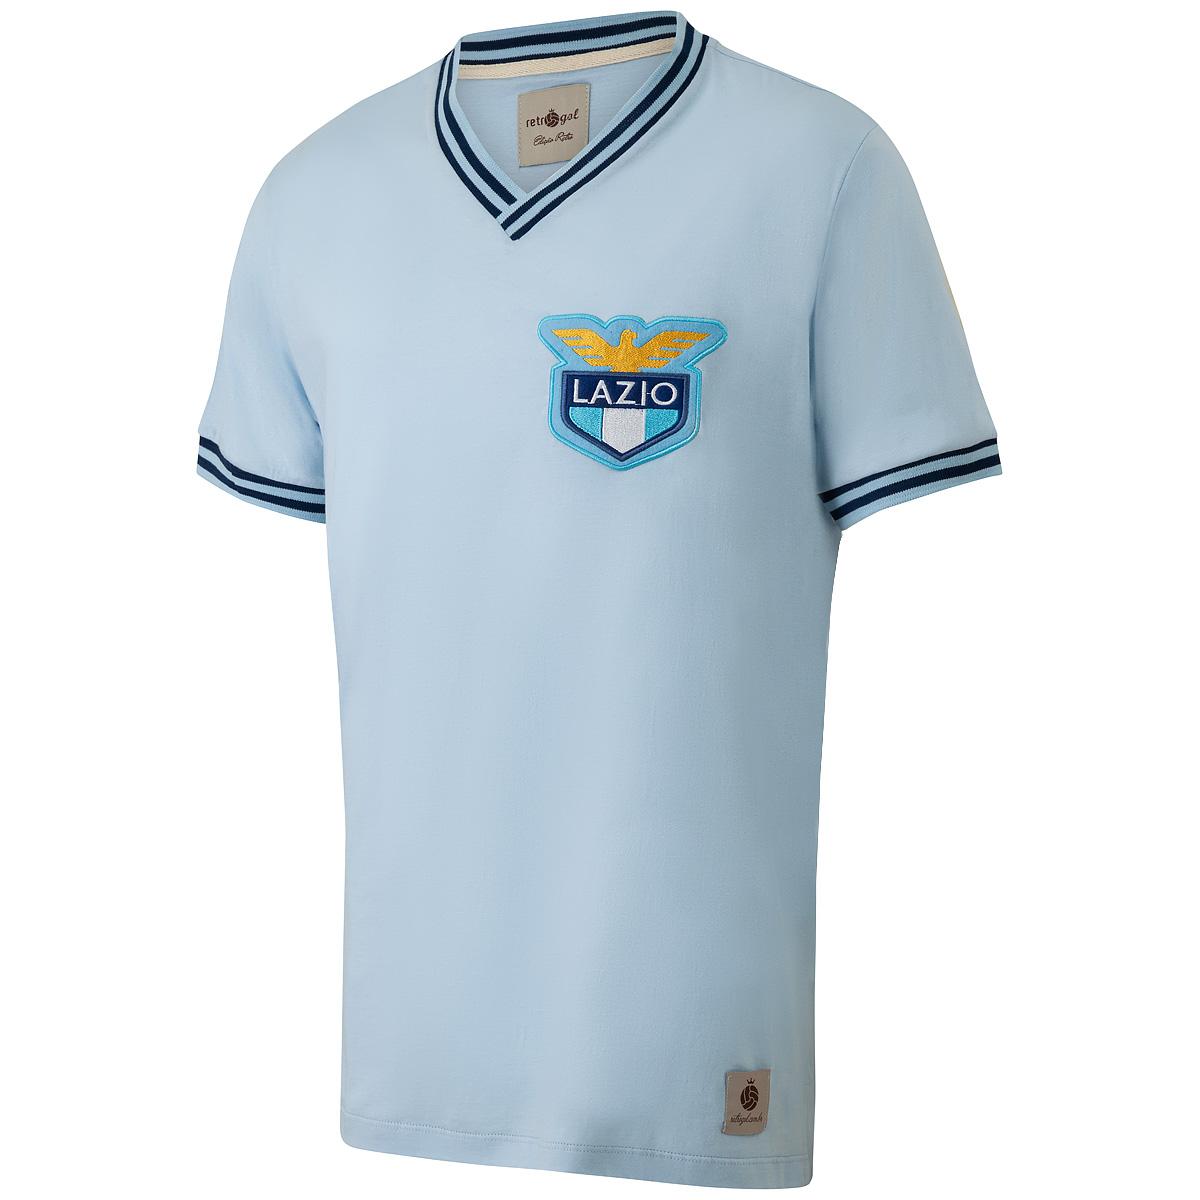 Camisa Lazio Retrô 1978 Masculina